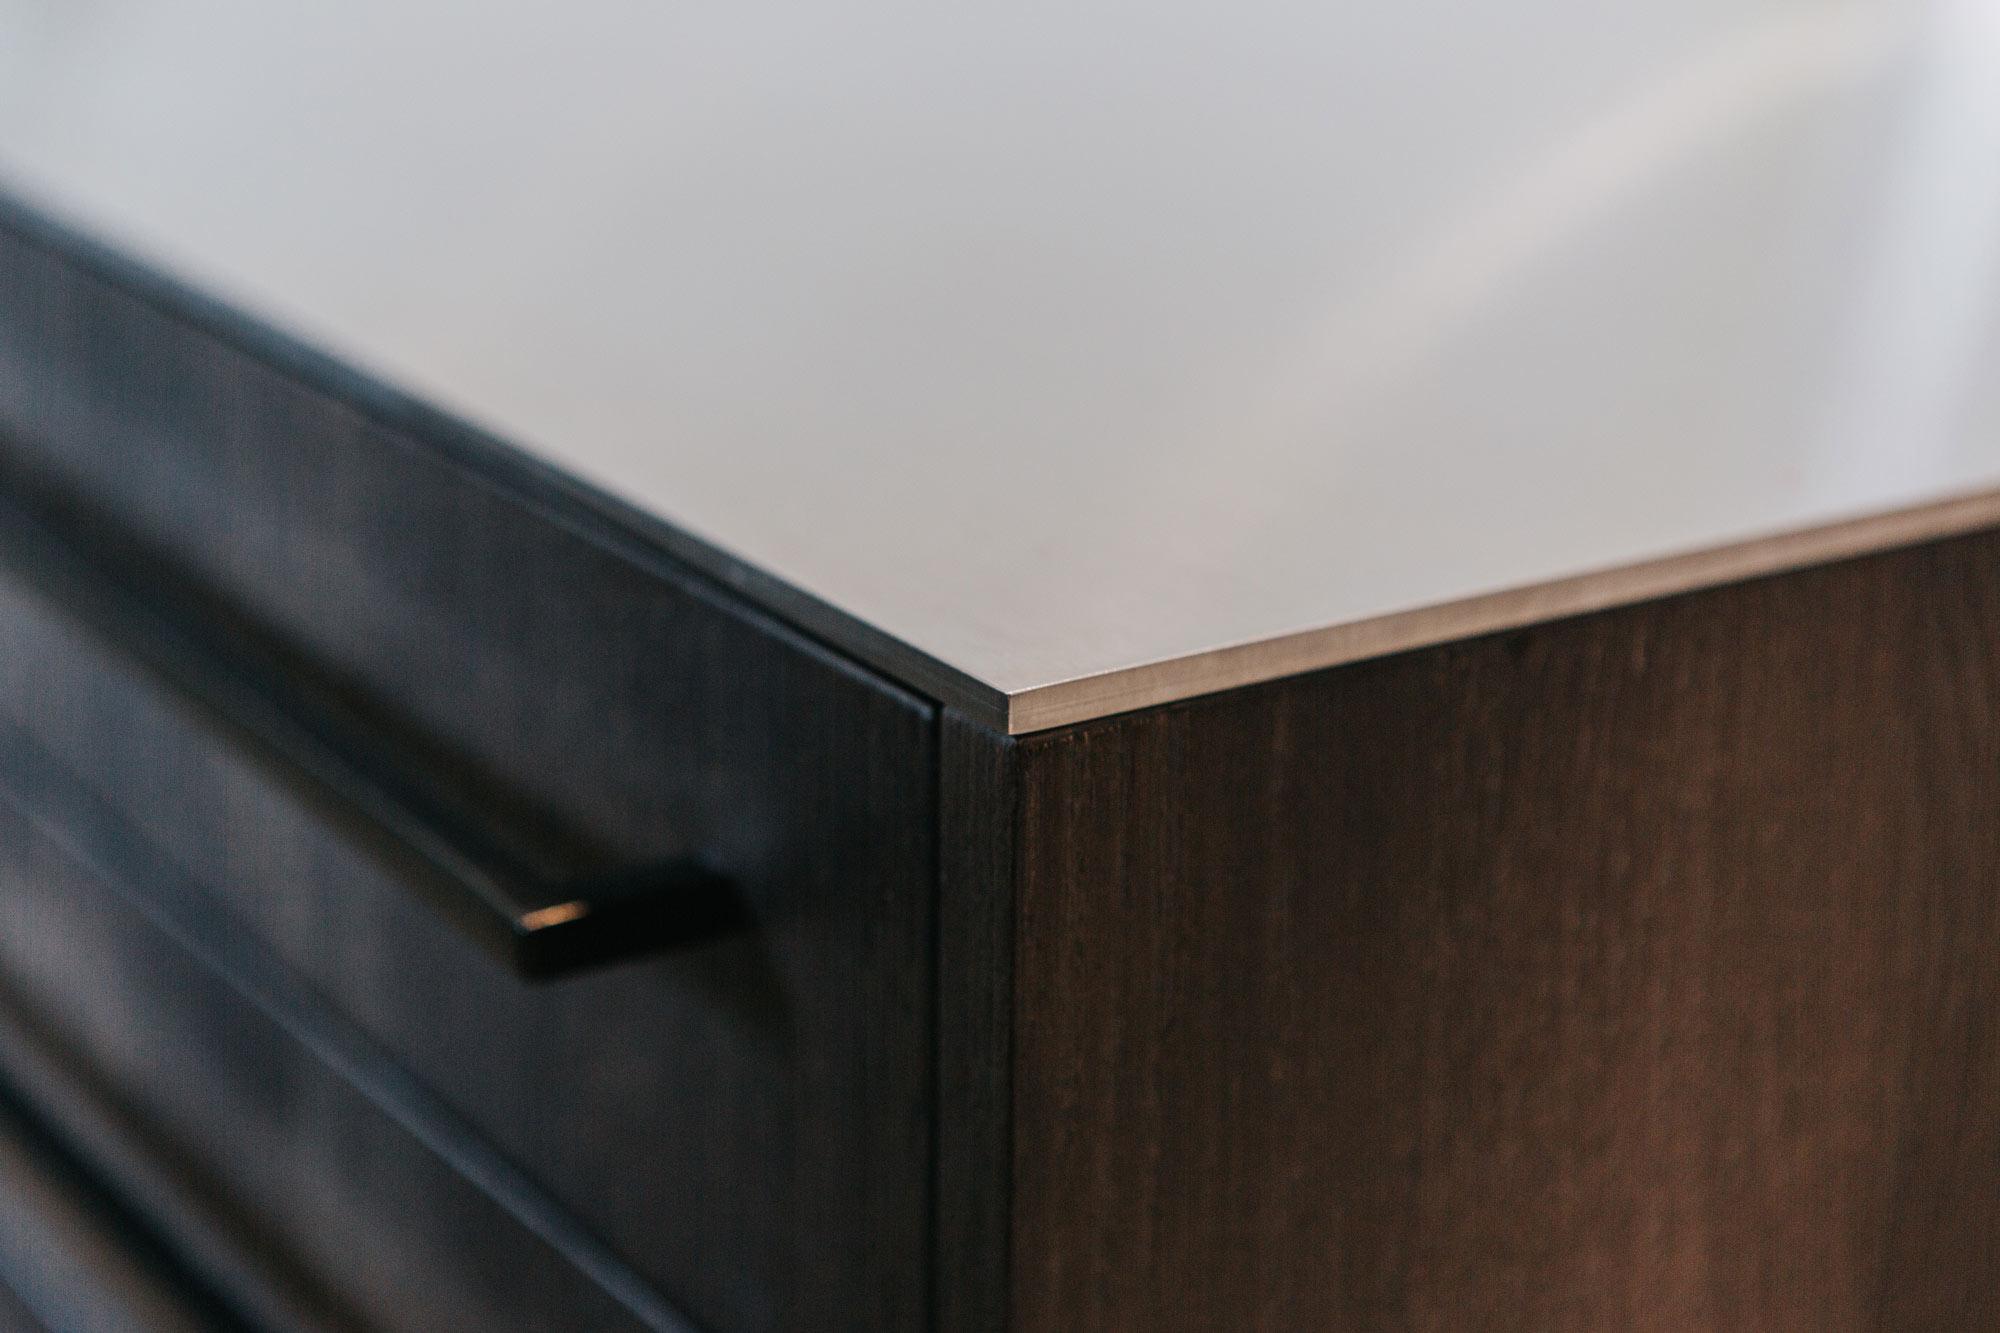 Norzküche, dunkle Eiche gebeitzt, Arbeitsfläche Edelstahl